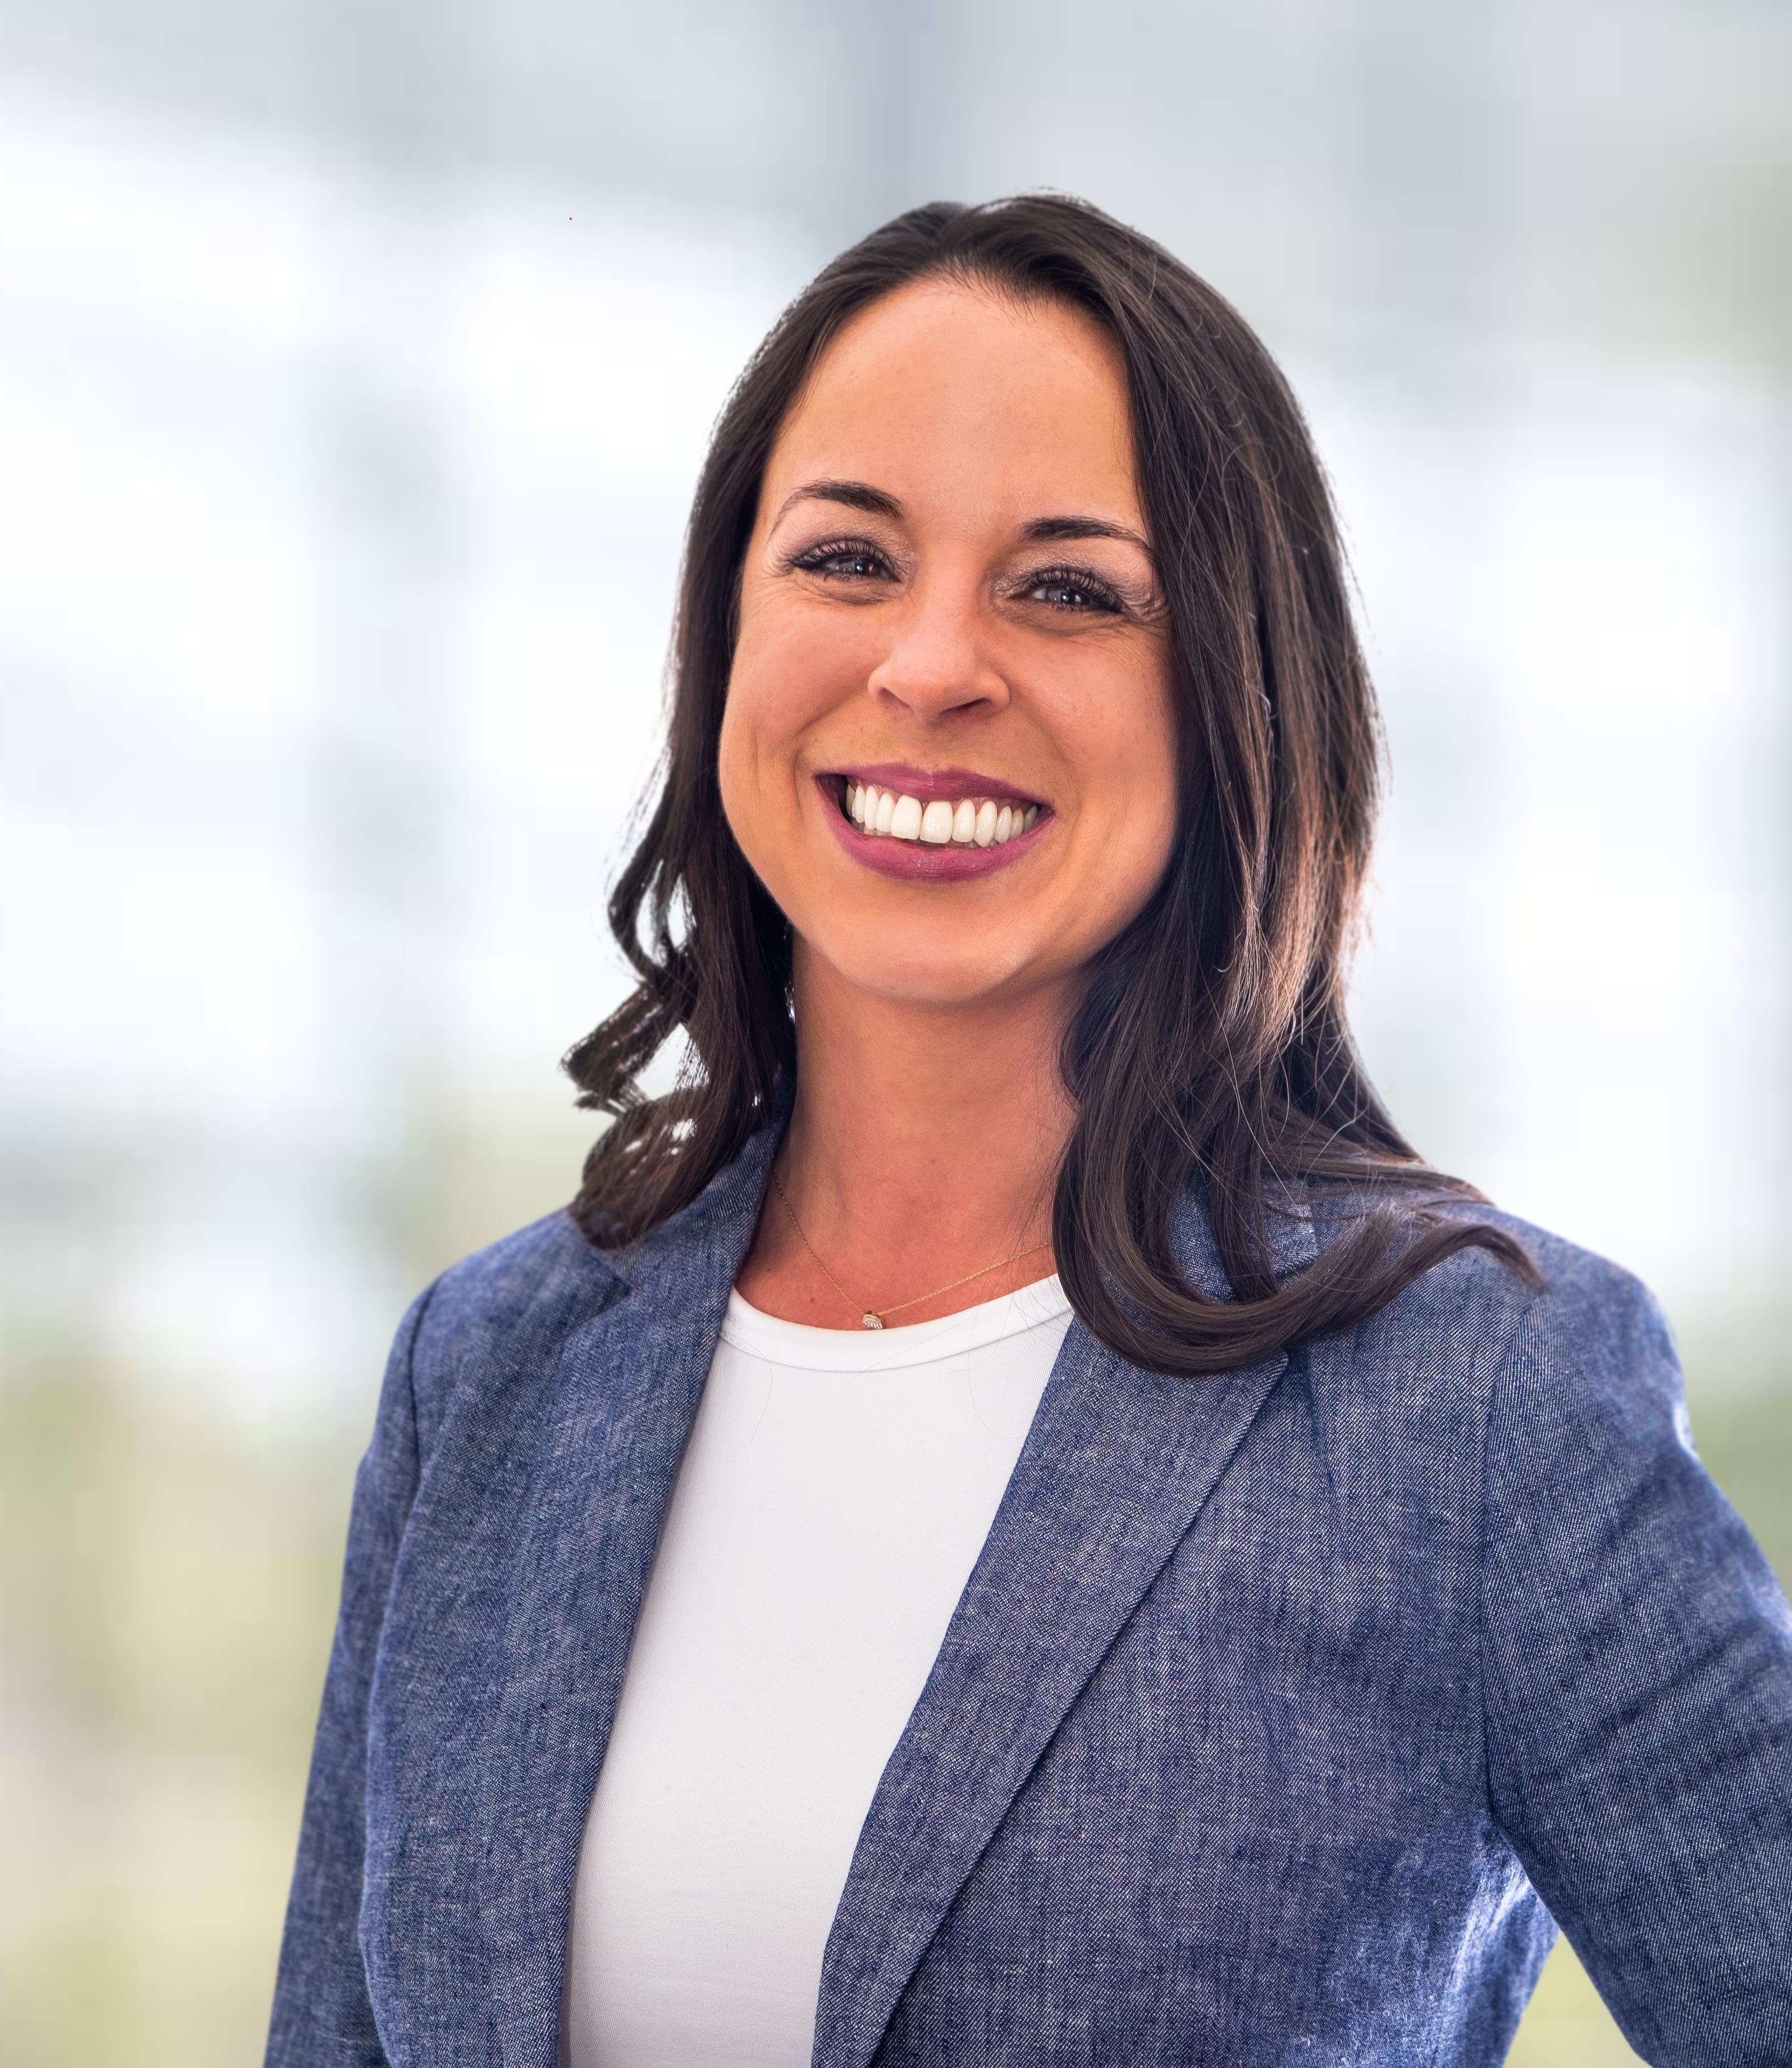 Danielle Danielle is a licensed real estate agent in Wheaton IL